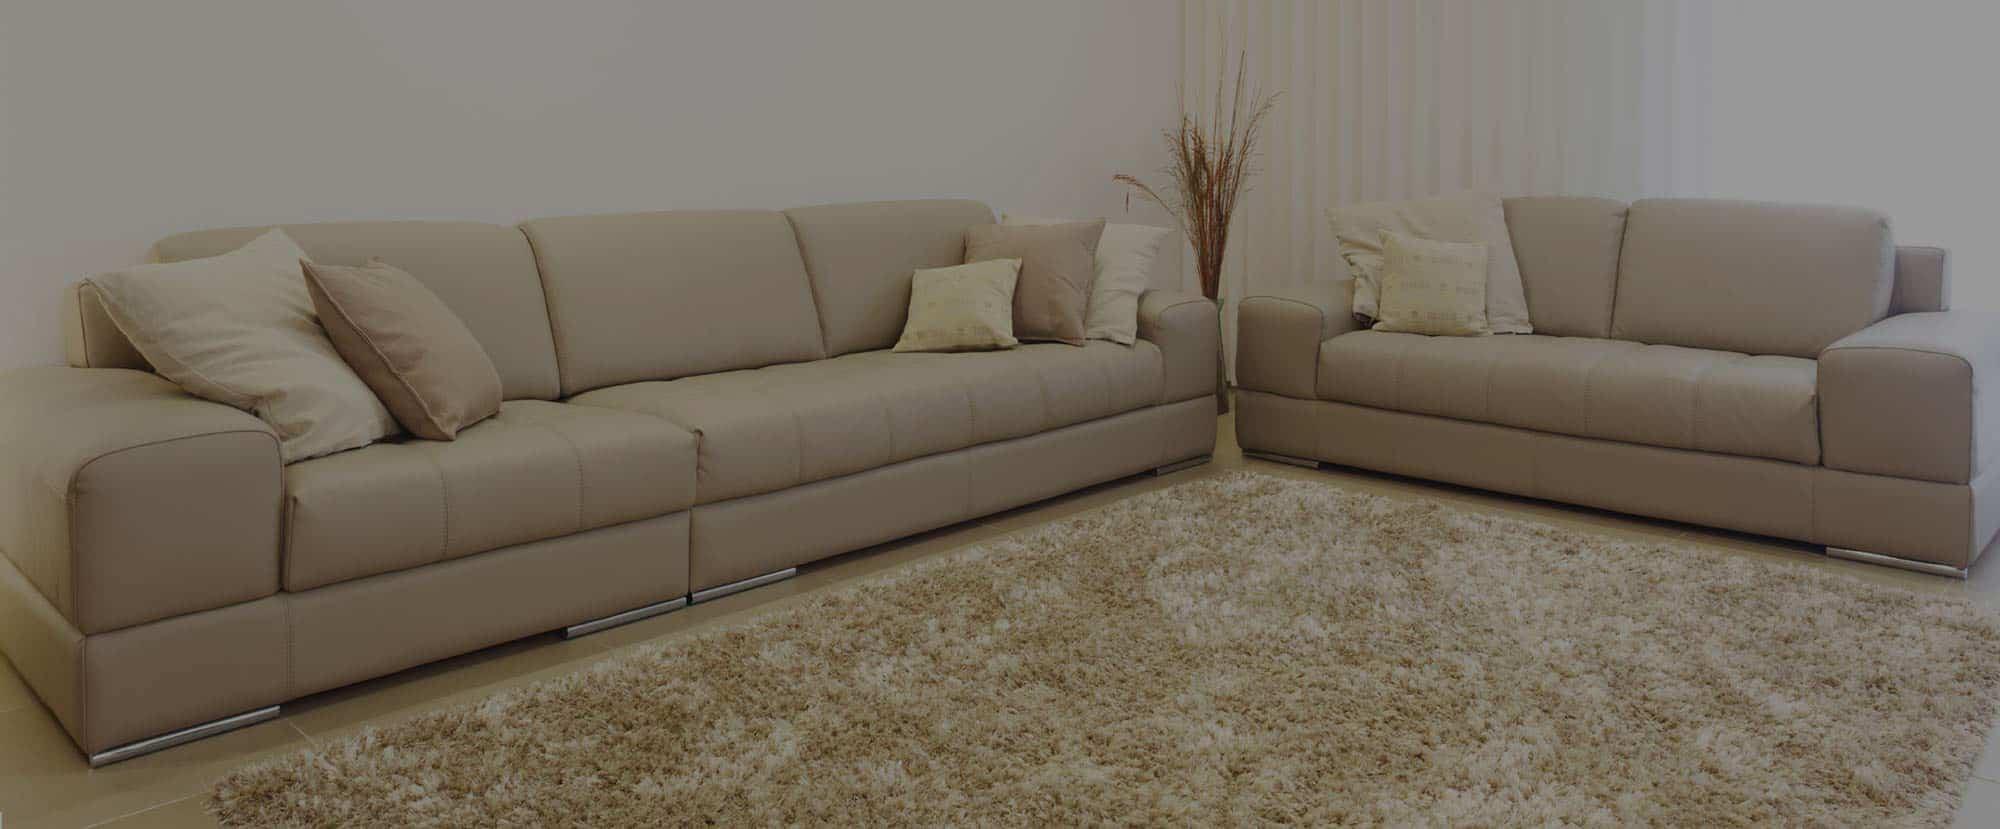 couch-rug-dark